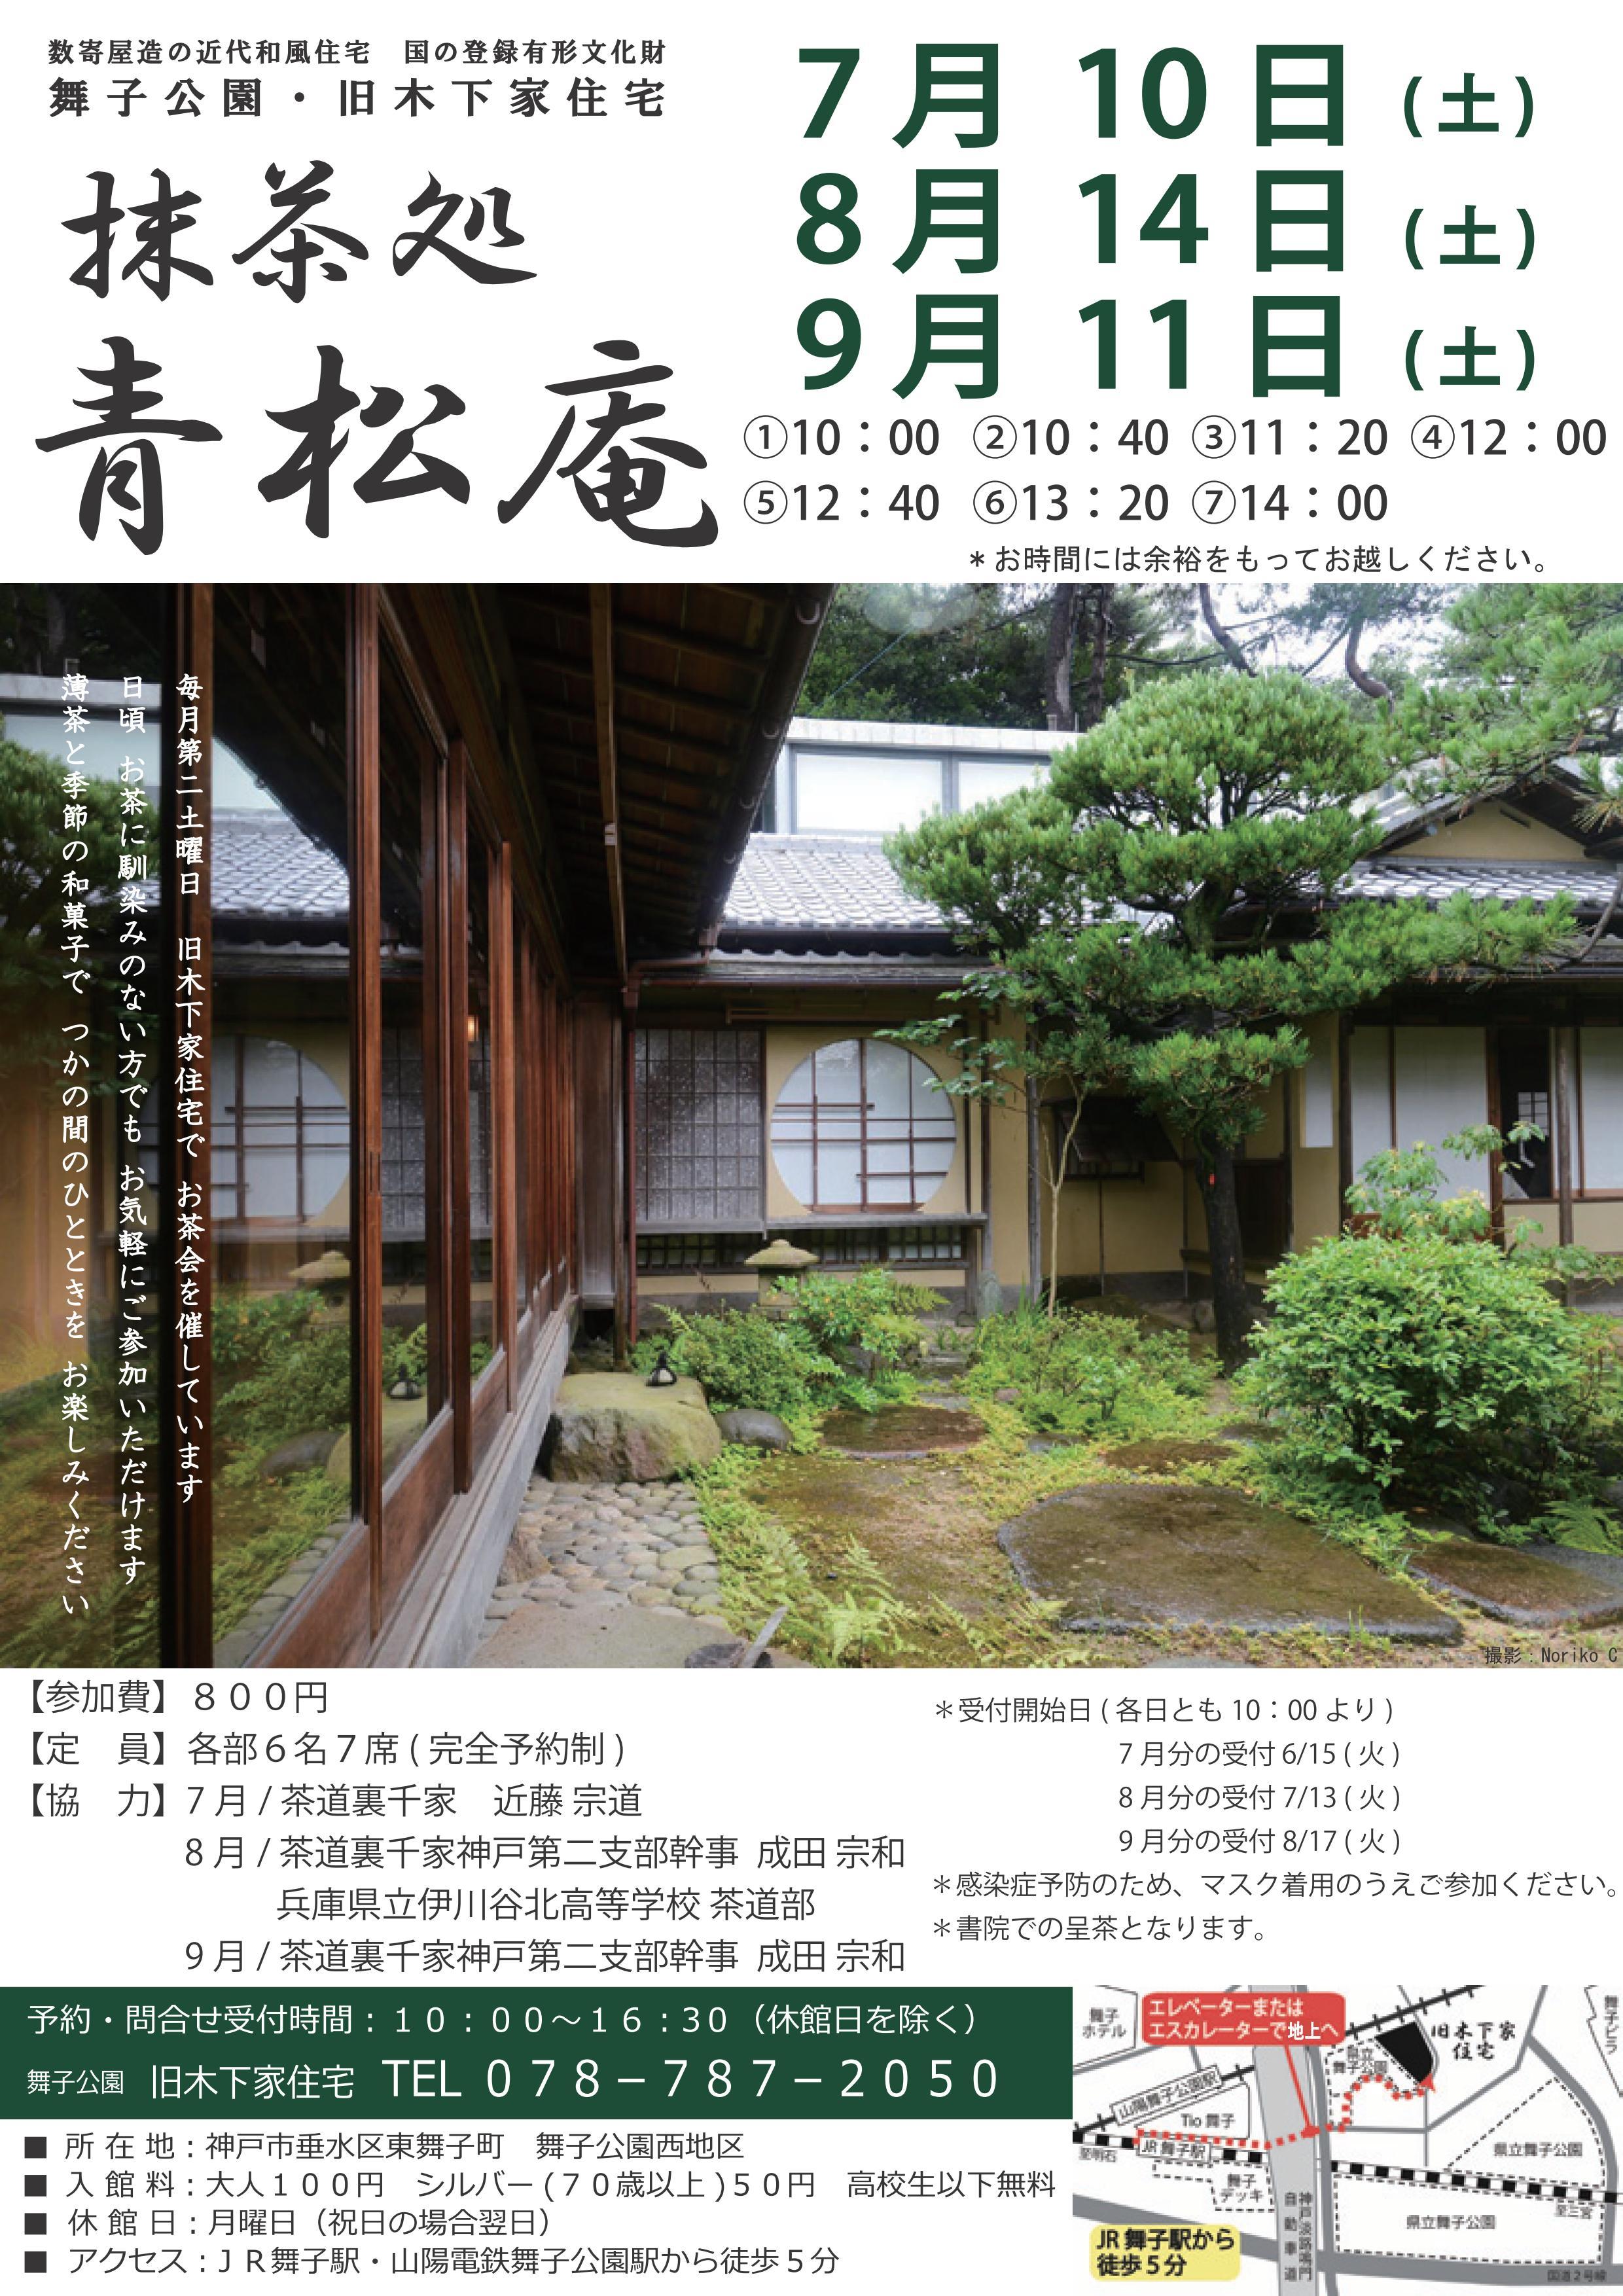 8/14(土)旧木下家住宅「抹茶処 青松庵」※満席となりましたのアイキャッチ